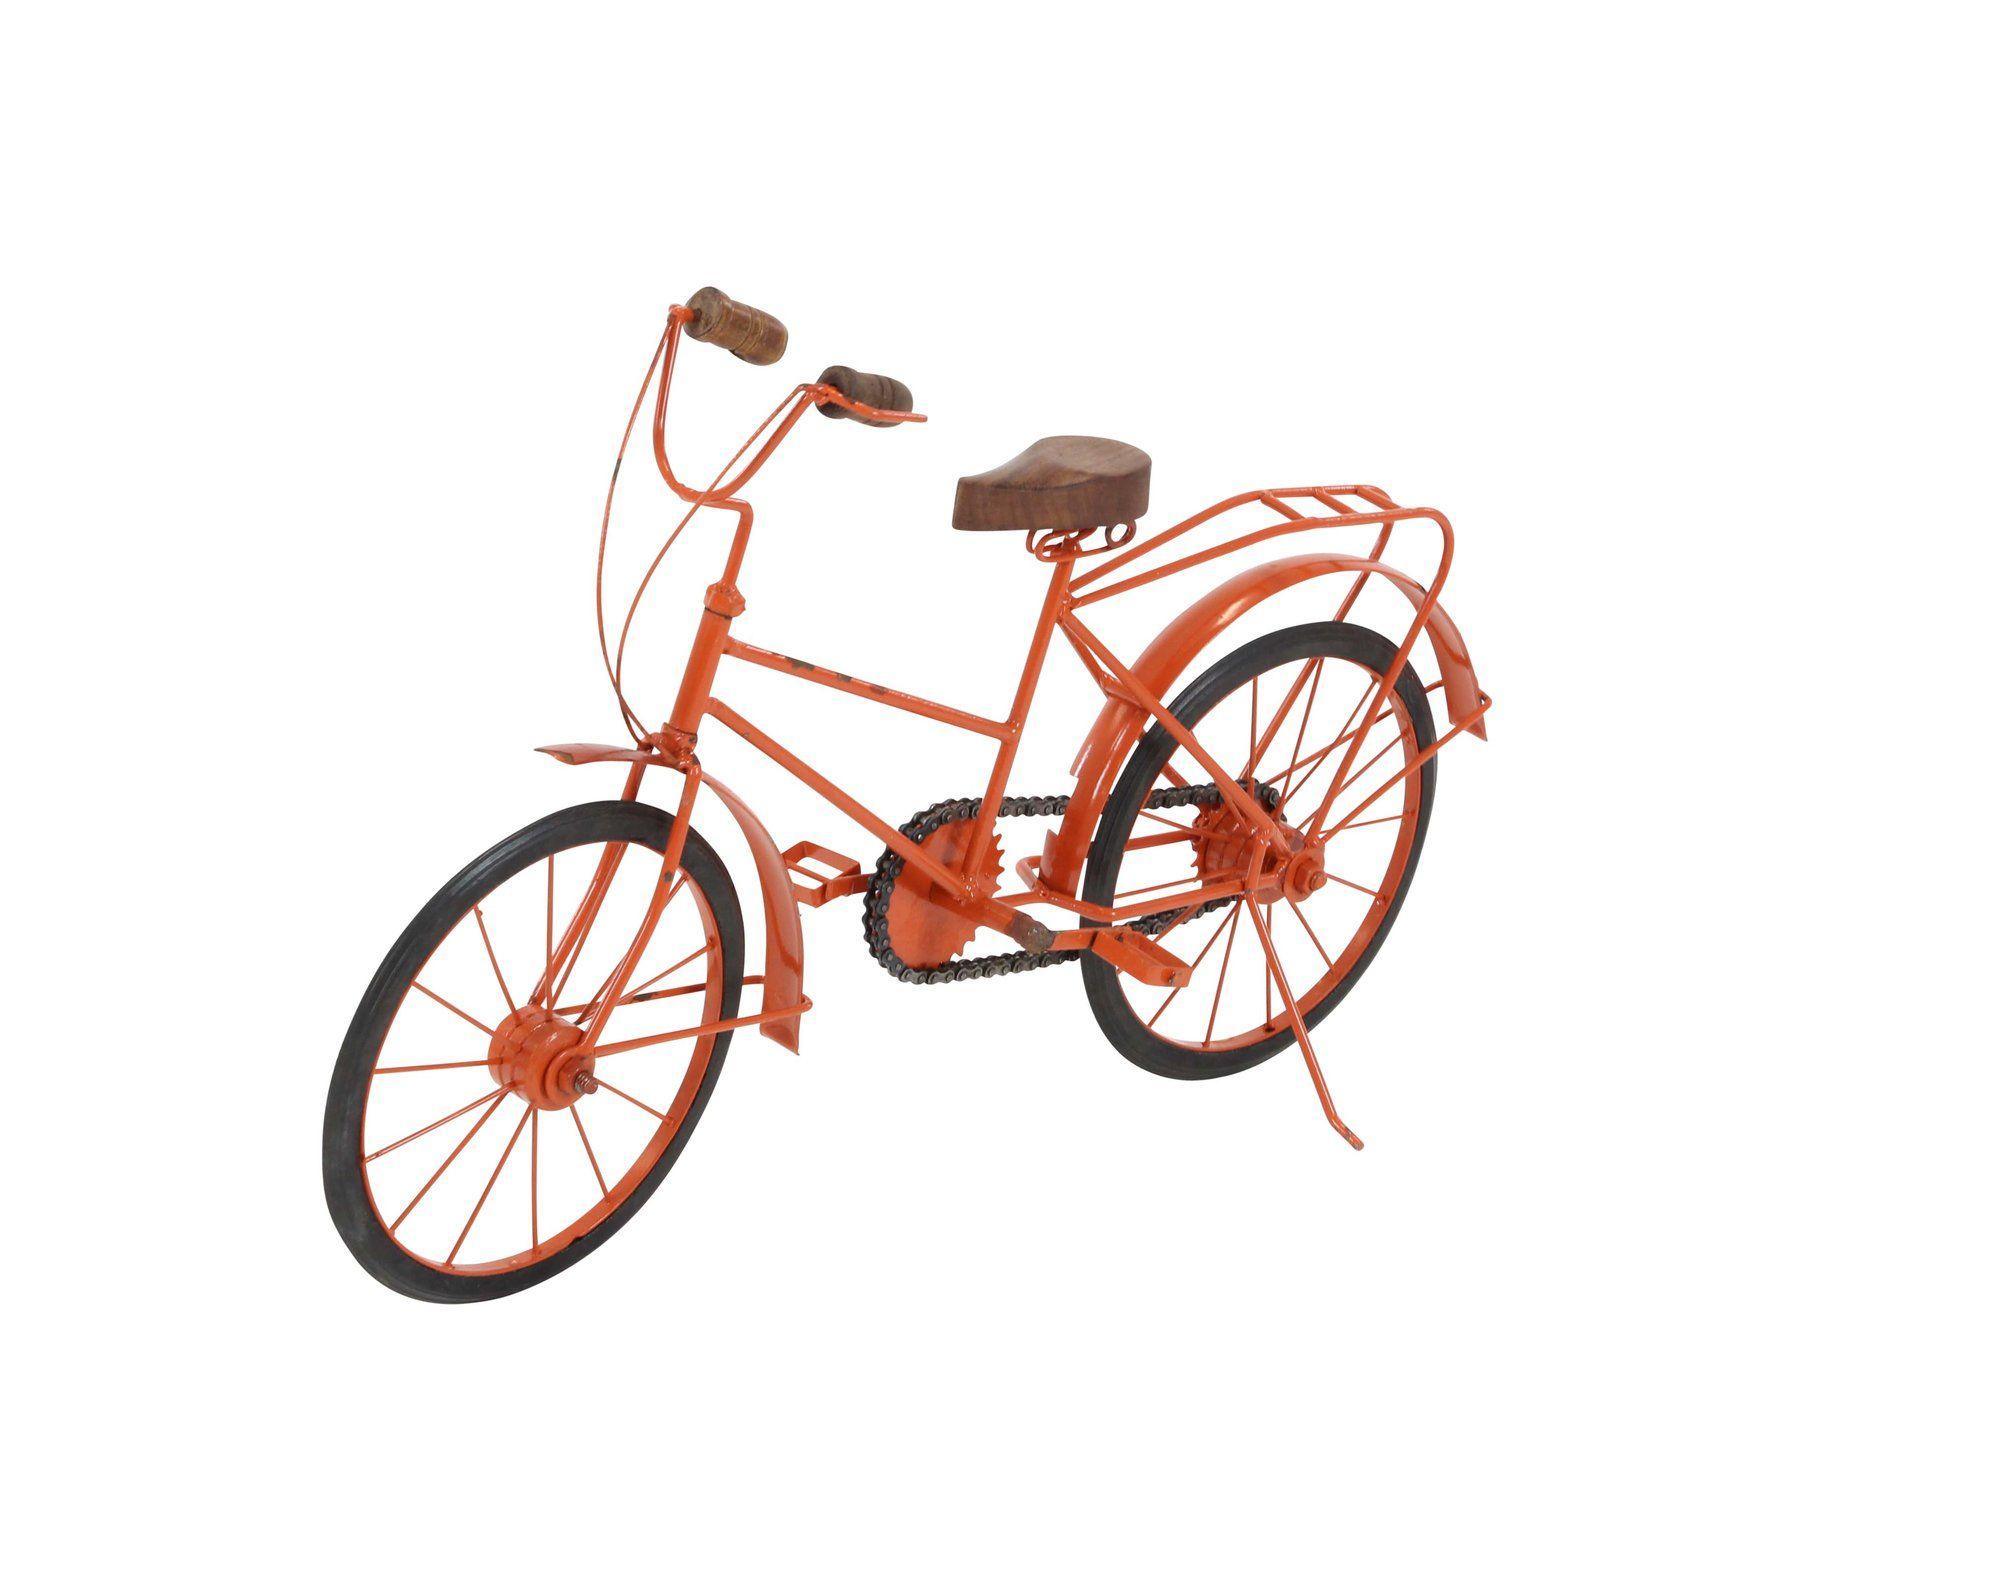 Metal/Wood Bicycle Sculpture